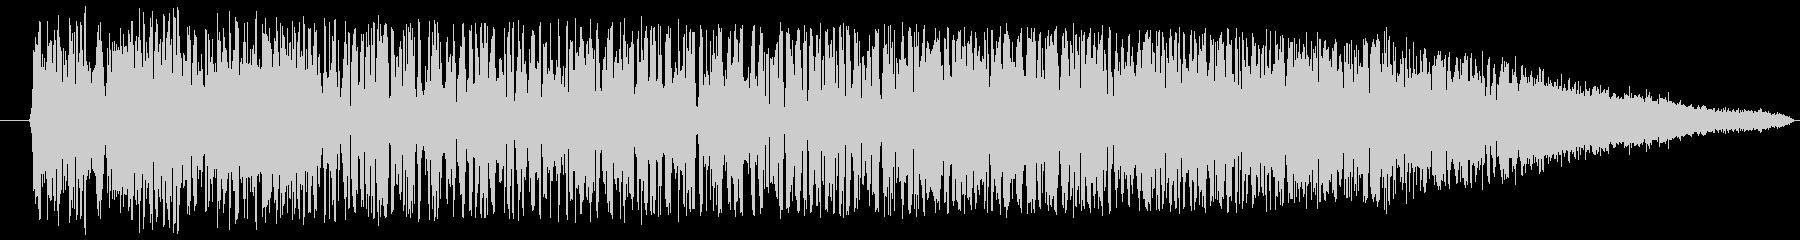 スペイシーフライオフスイープ1の未再生の波形